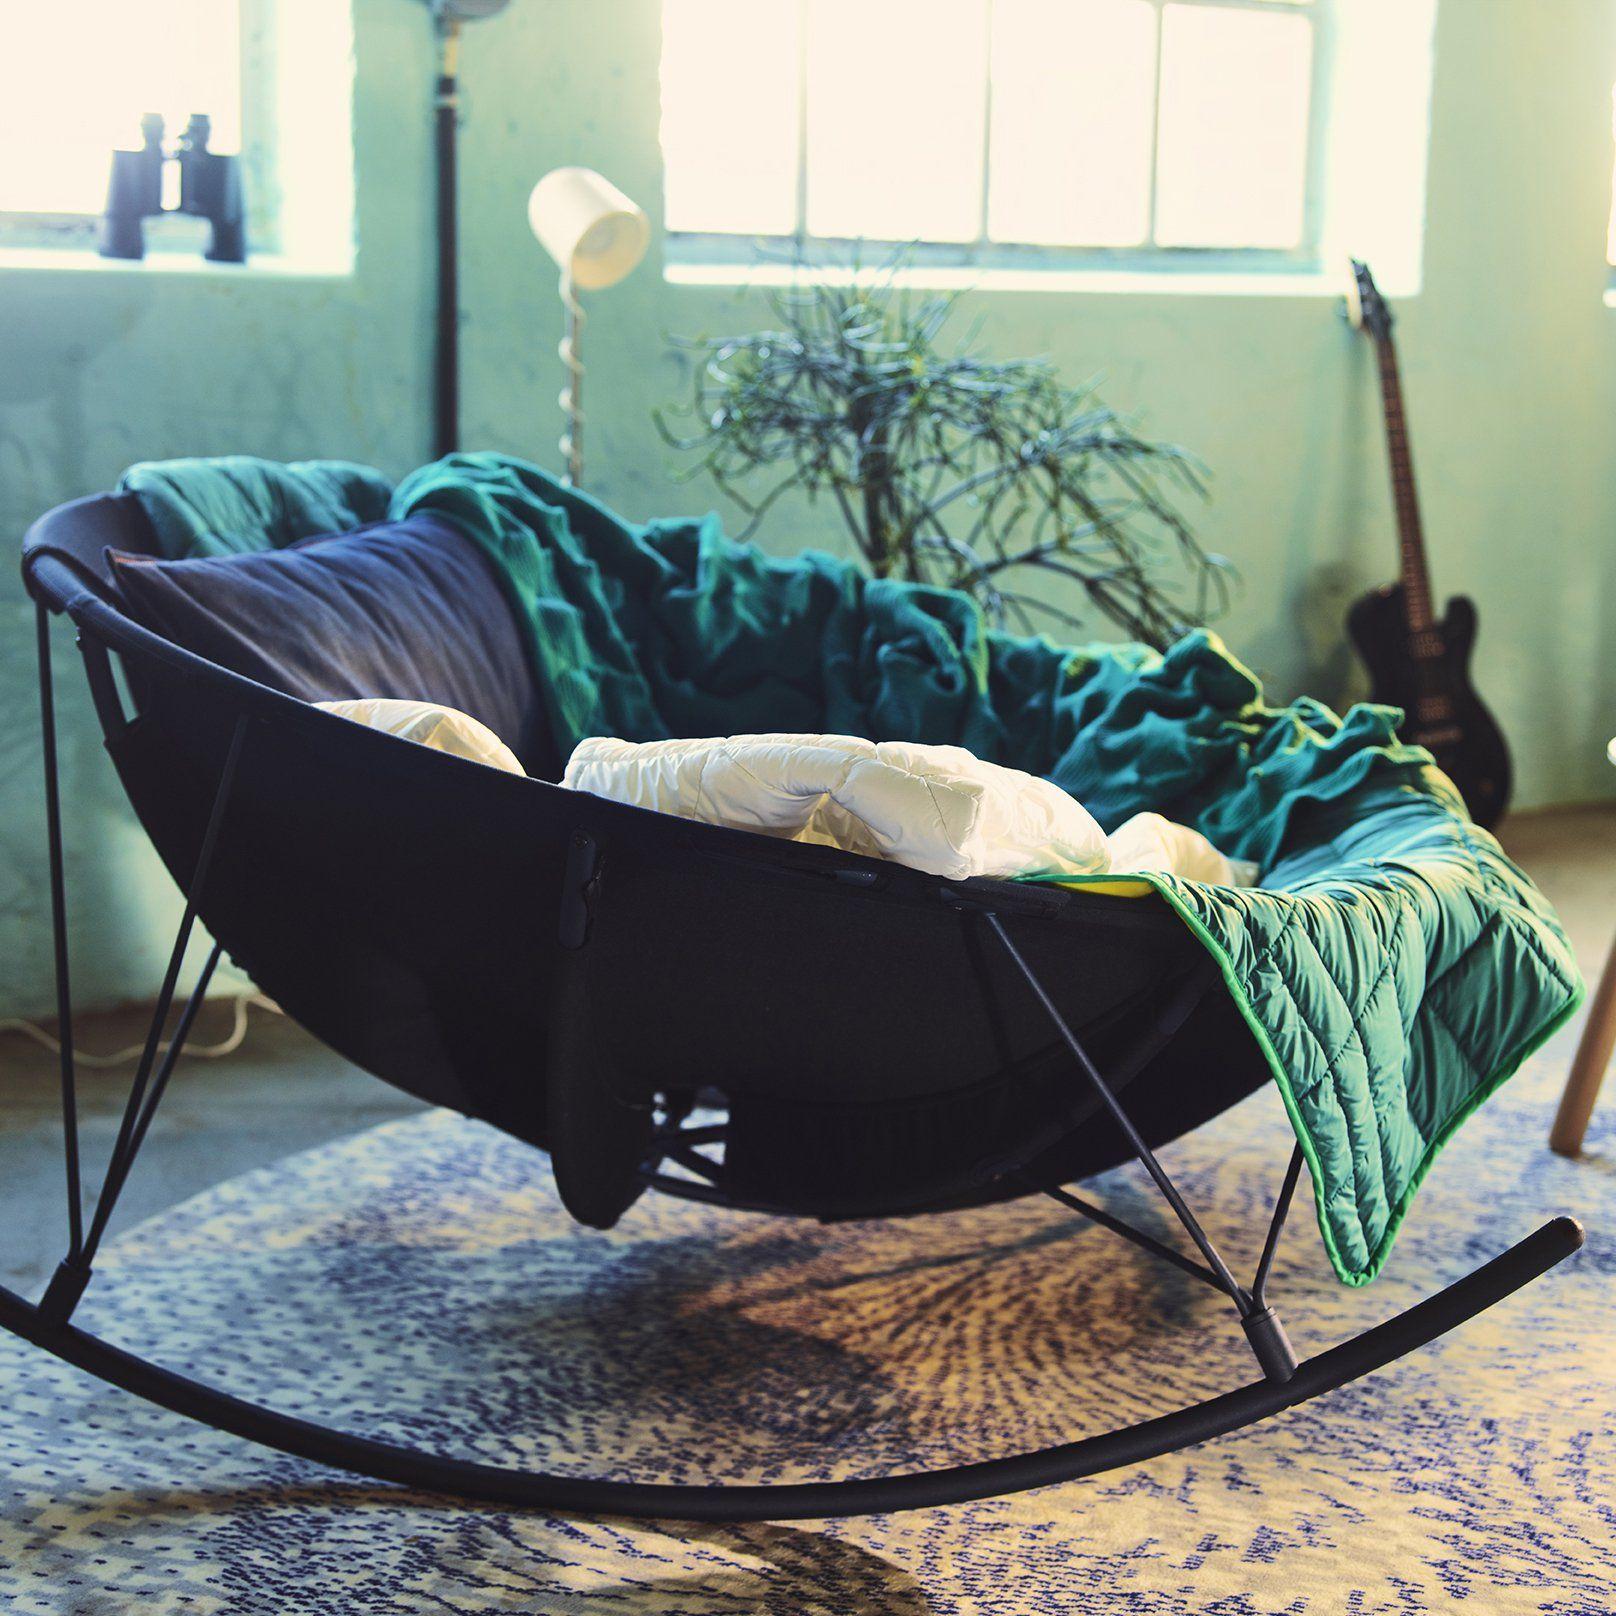 rocking chair ikea rond pour deux personnes pour le cocooning et se dtendre dans un fauteuil - Fauteuil Rond Ikea